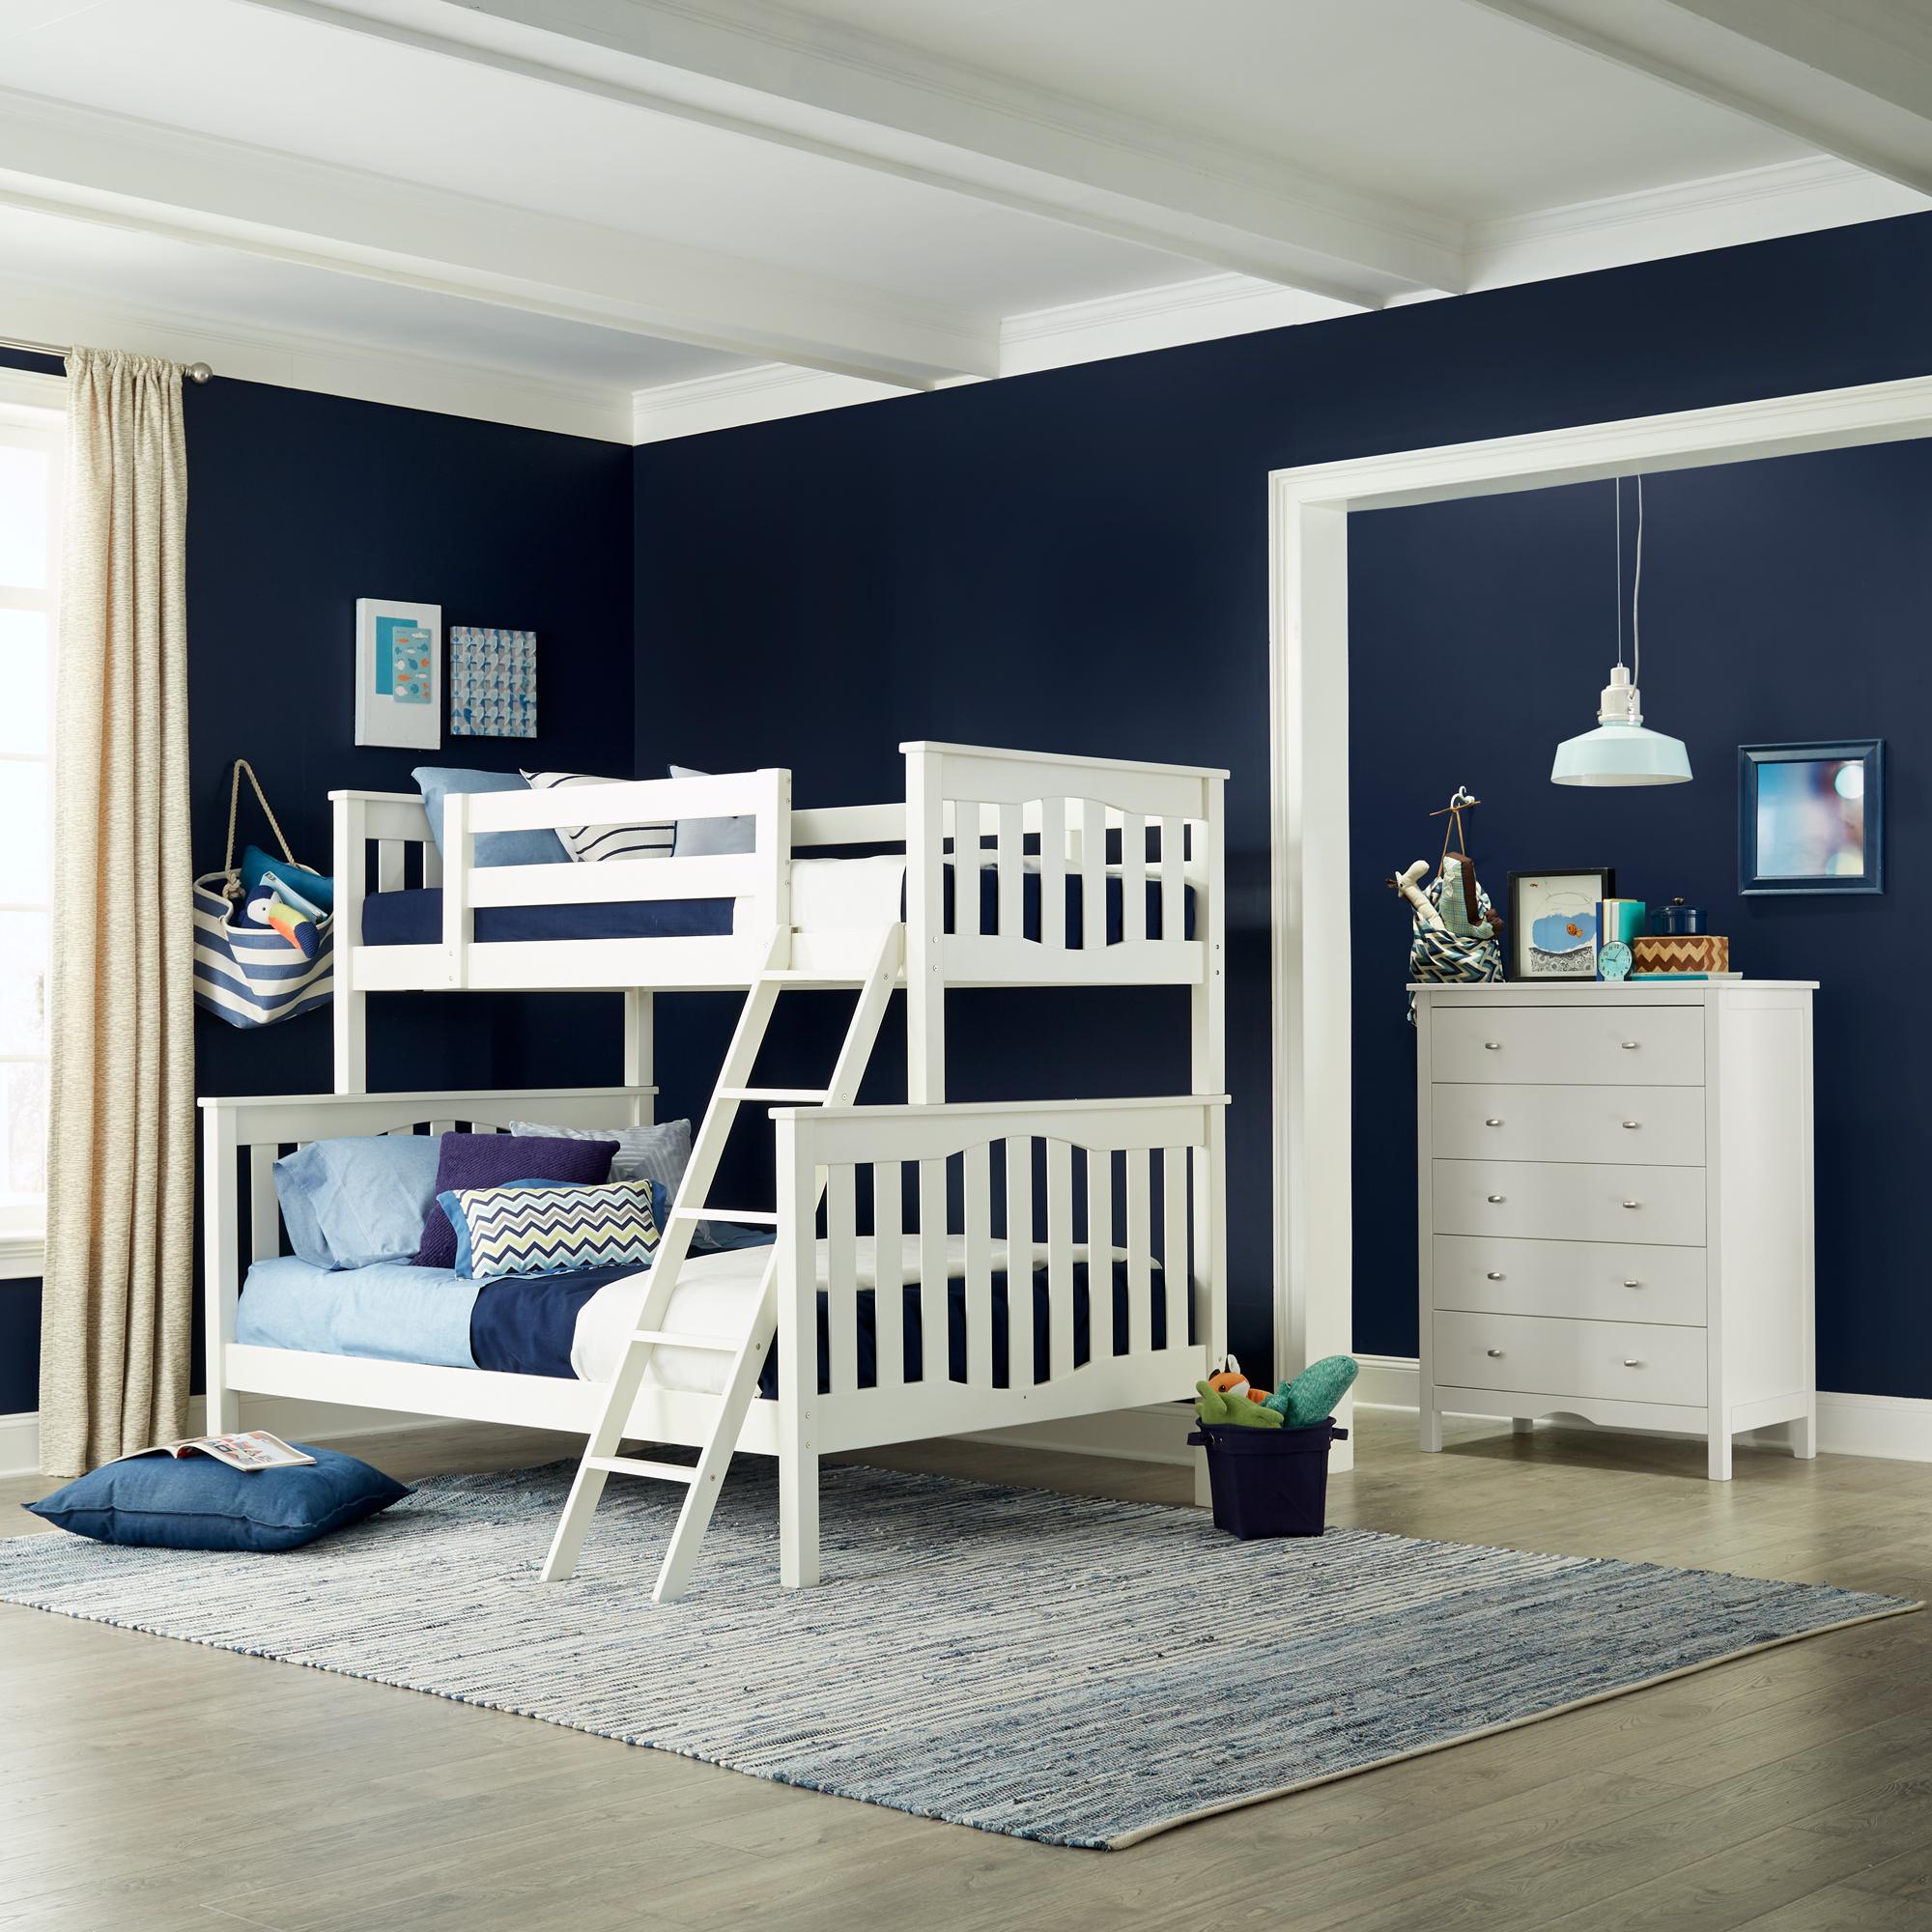 buy online edea7 20dad 3-Piece Seneca Bunk Bed Set